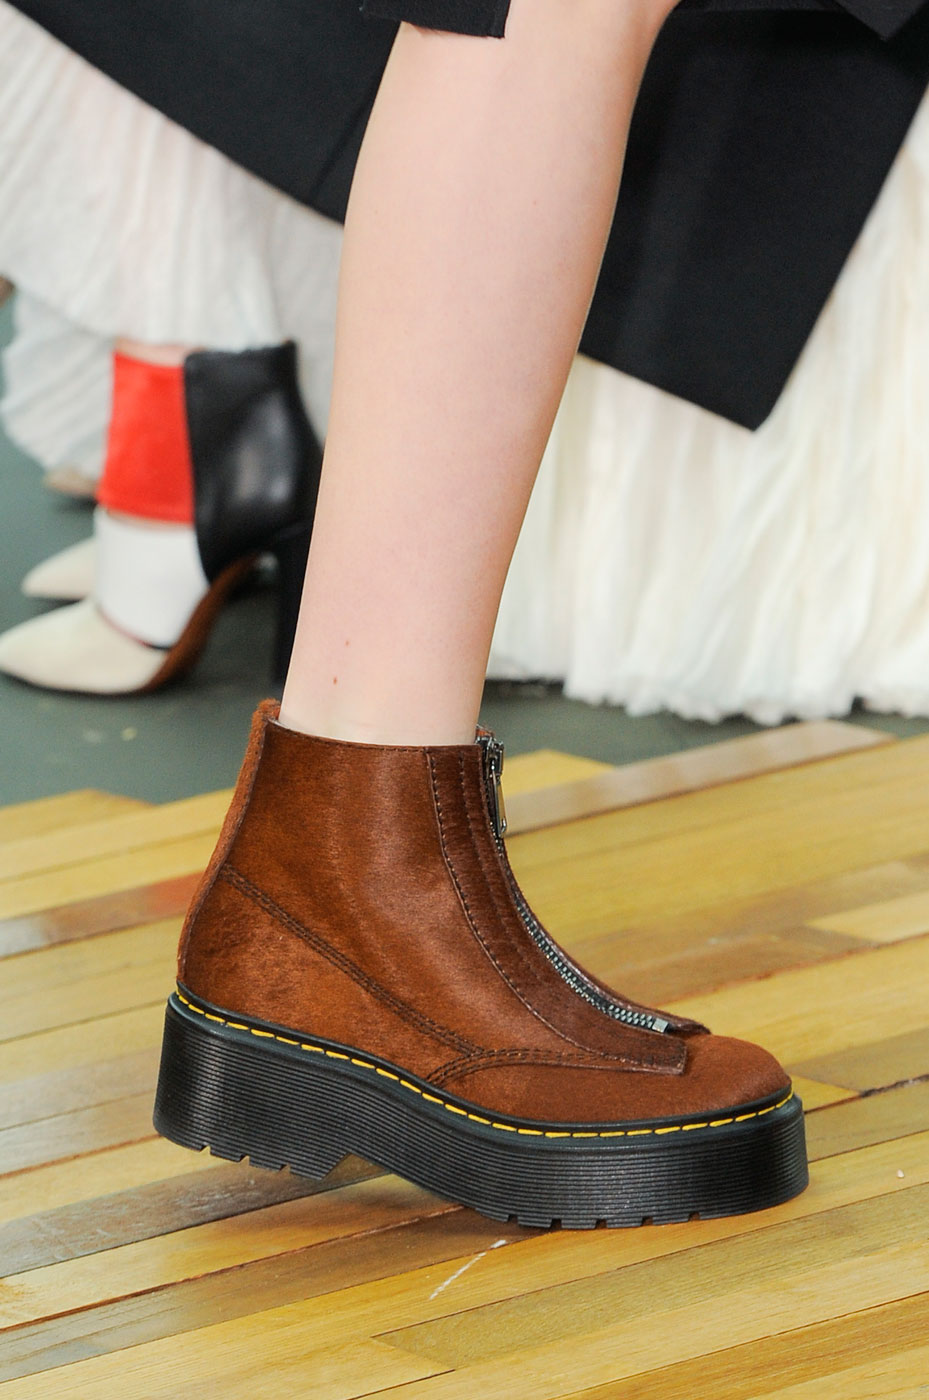 Céline Fall 2014 boots combat doc martens zipper